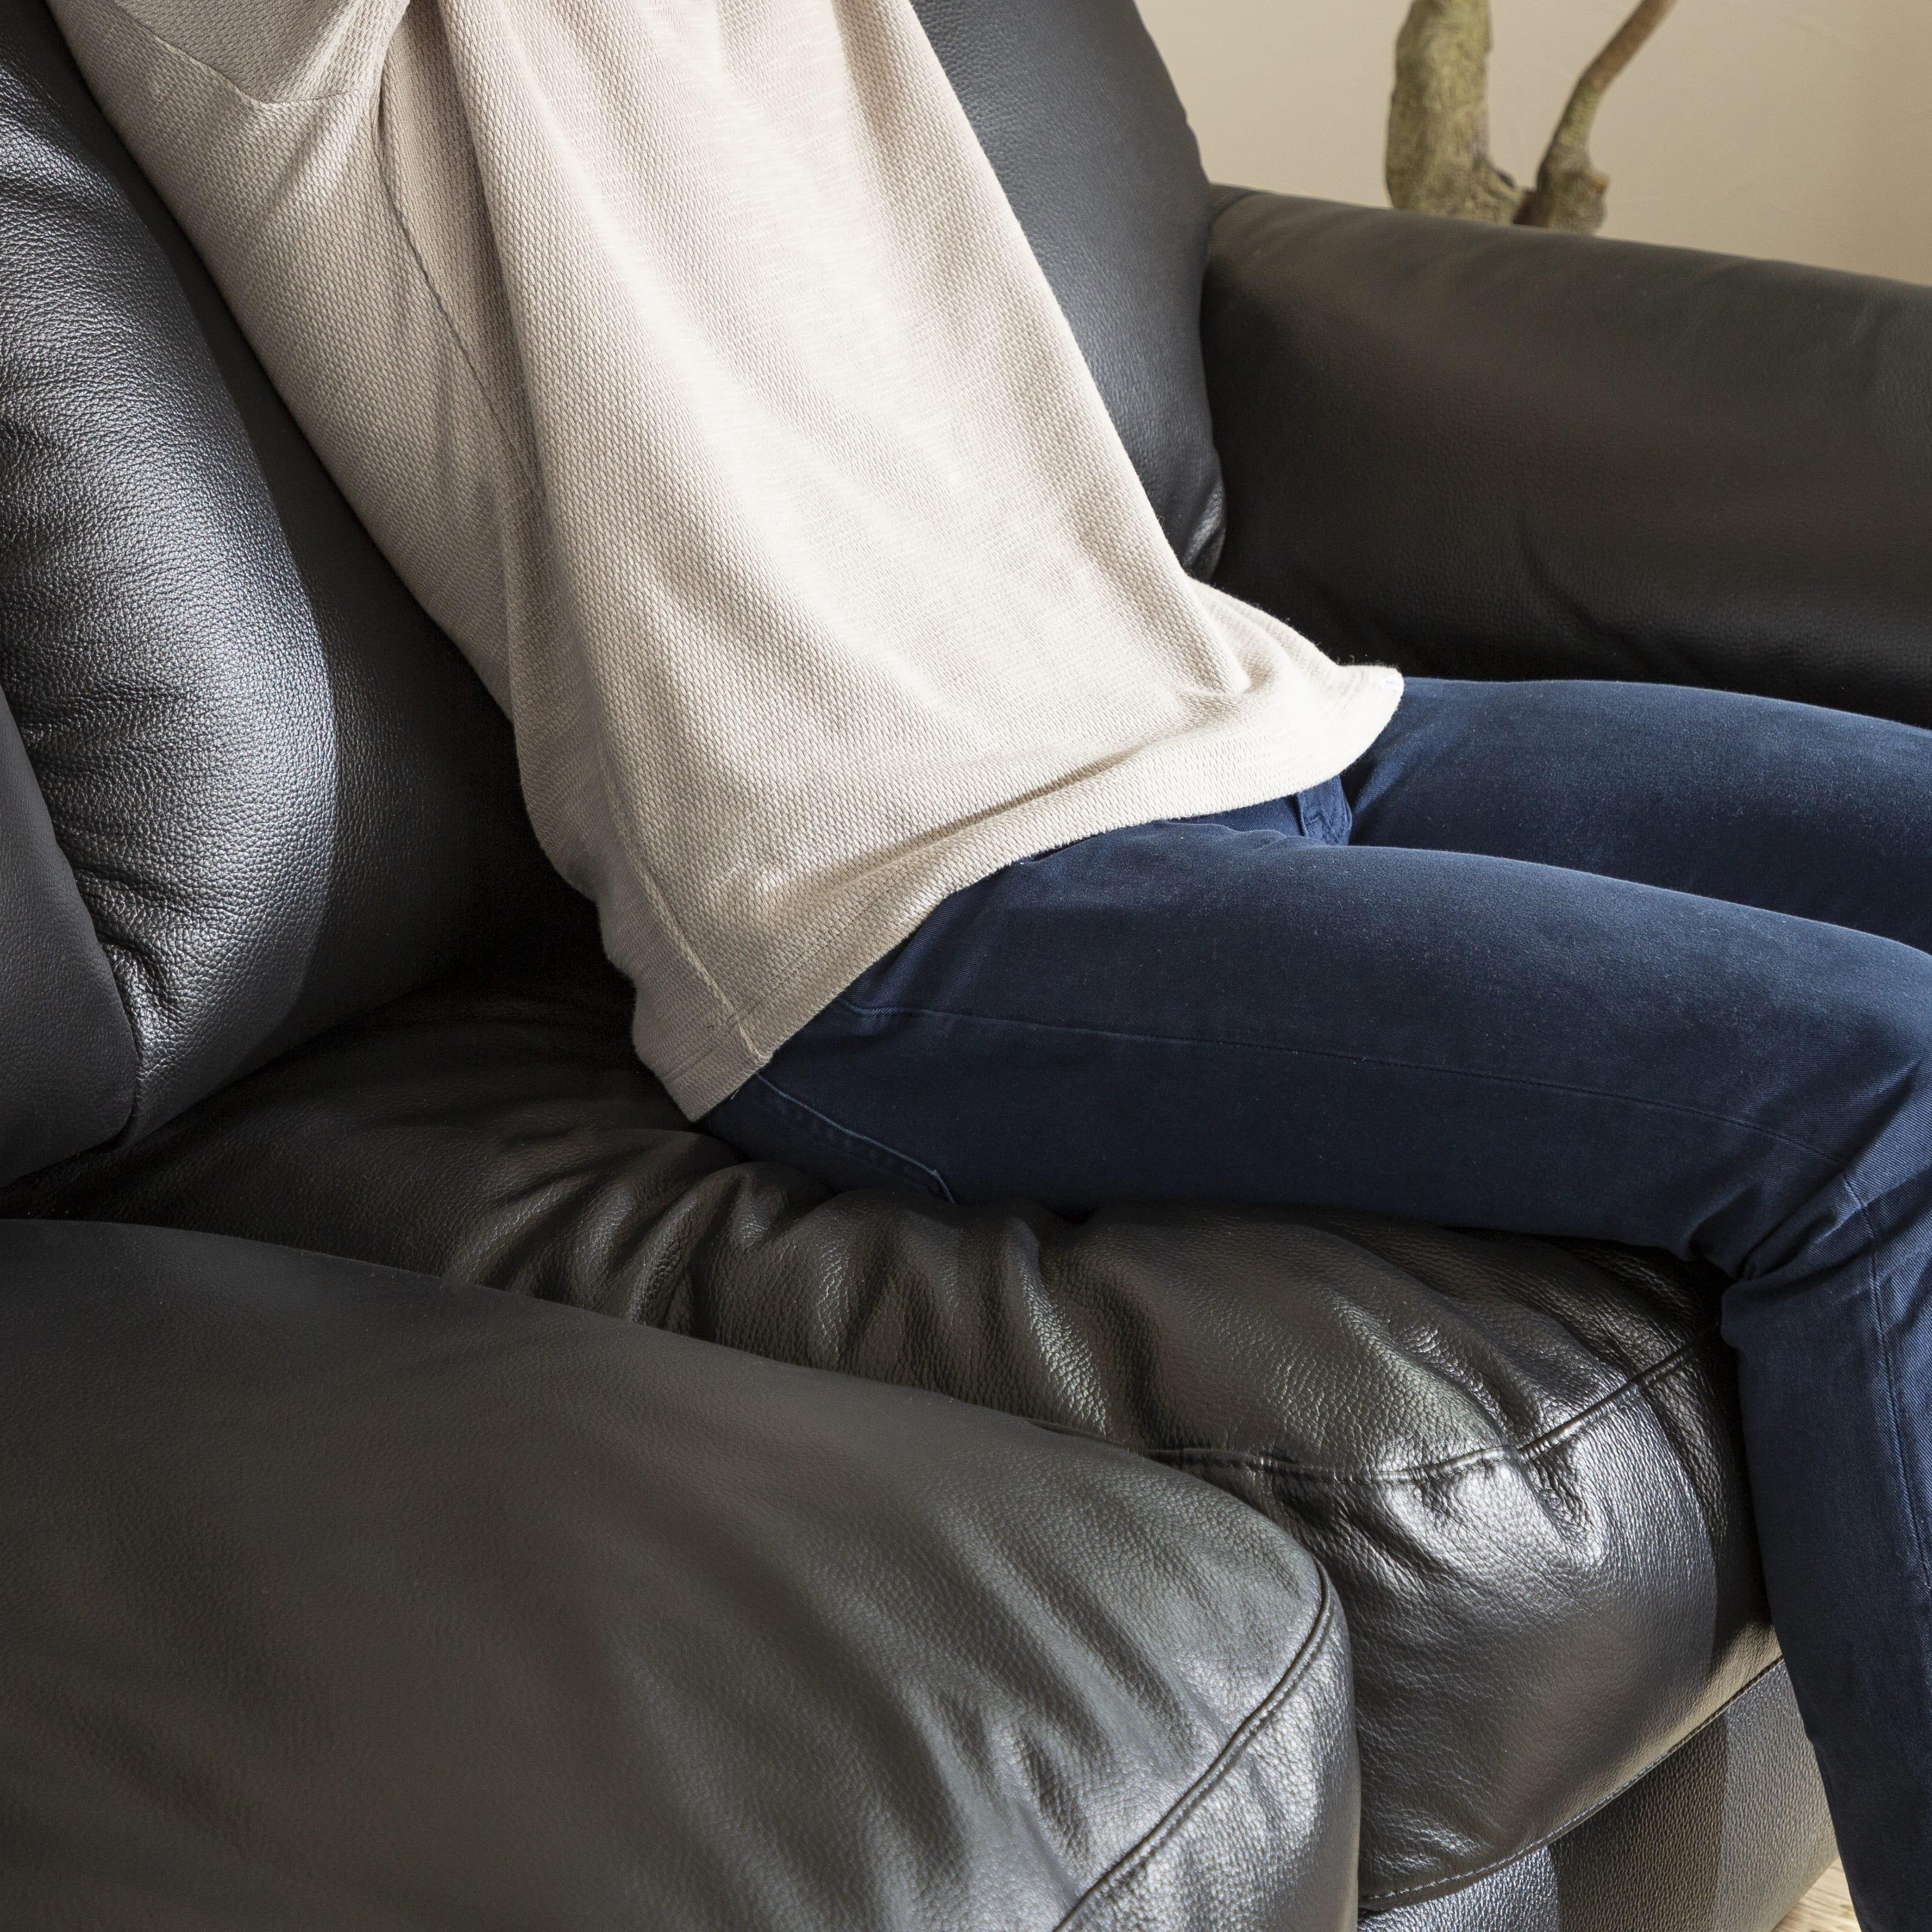 2.5人掛けソファー デビュー076 BK:座り心地にこだわるクッション材